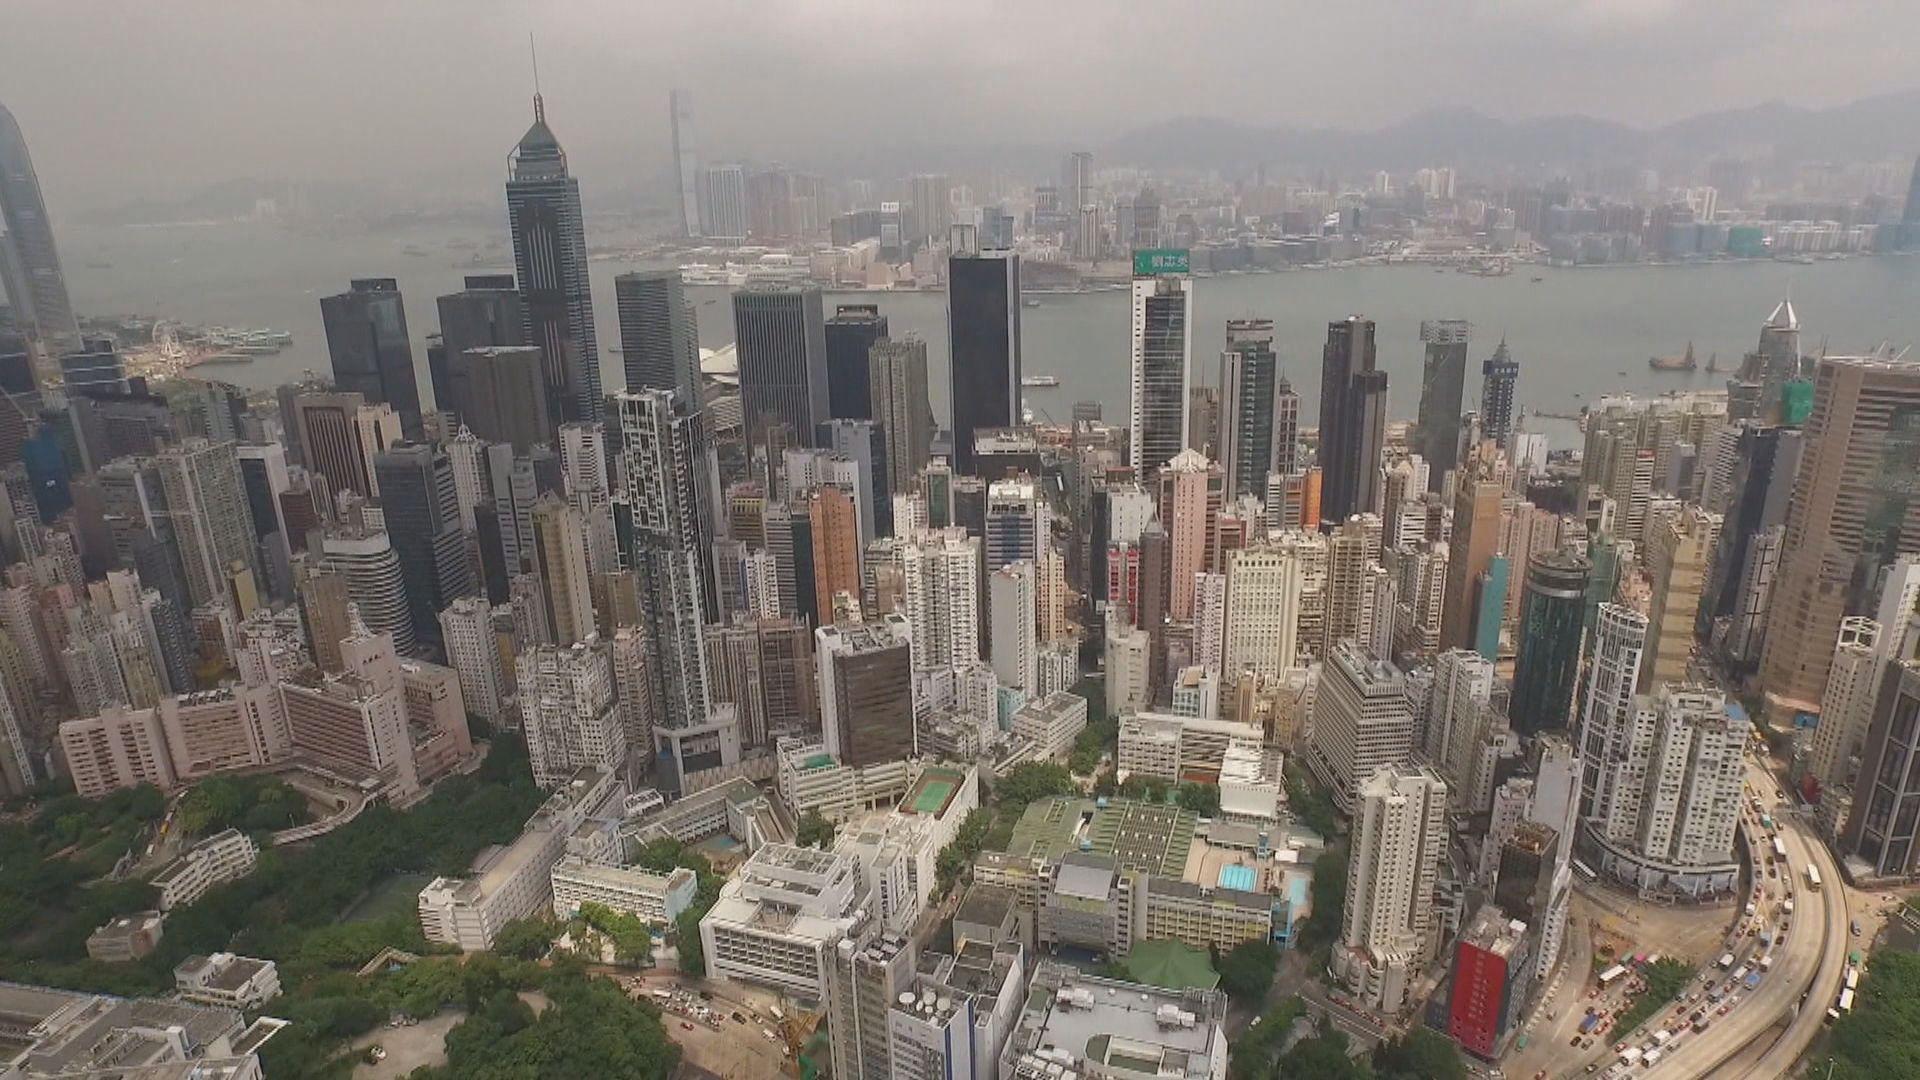 聯合國:去年流入香港的投資近乎減半